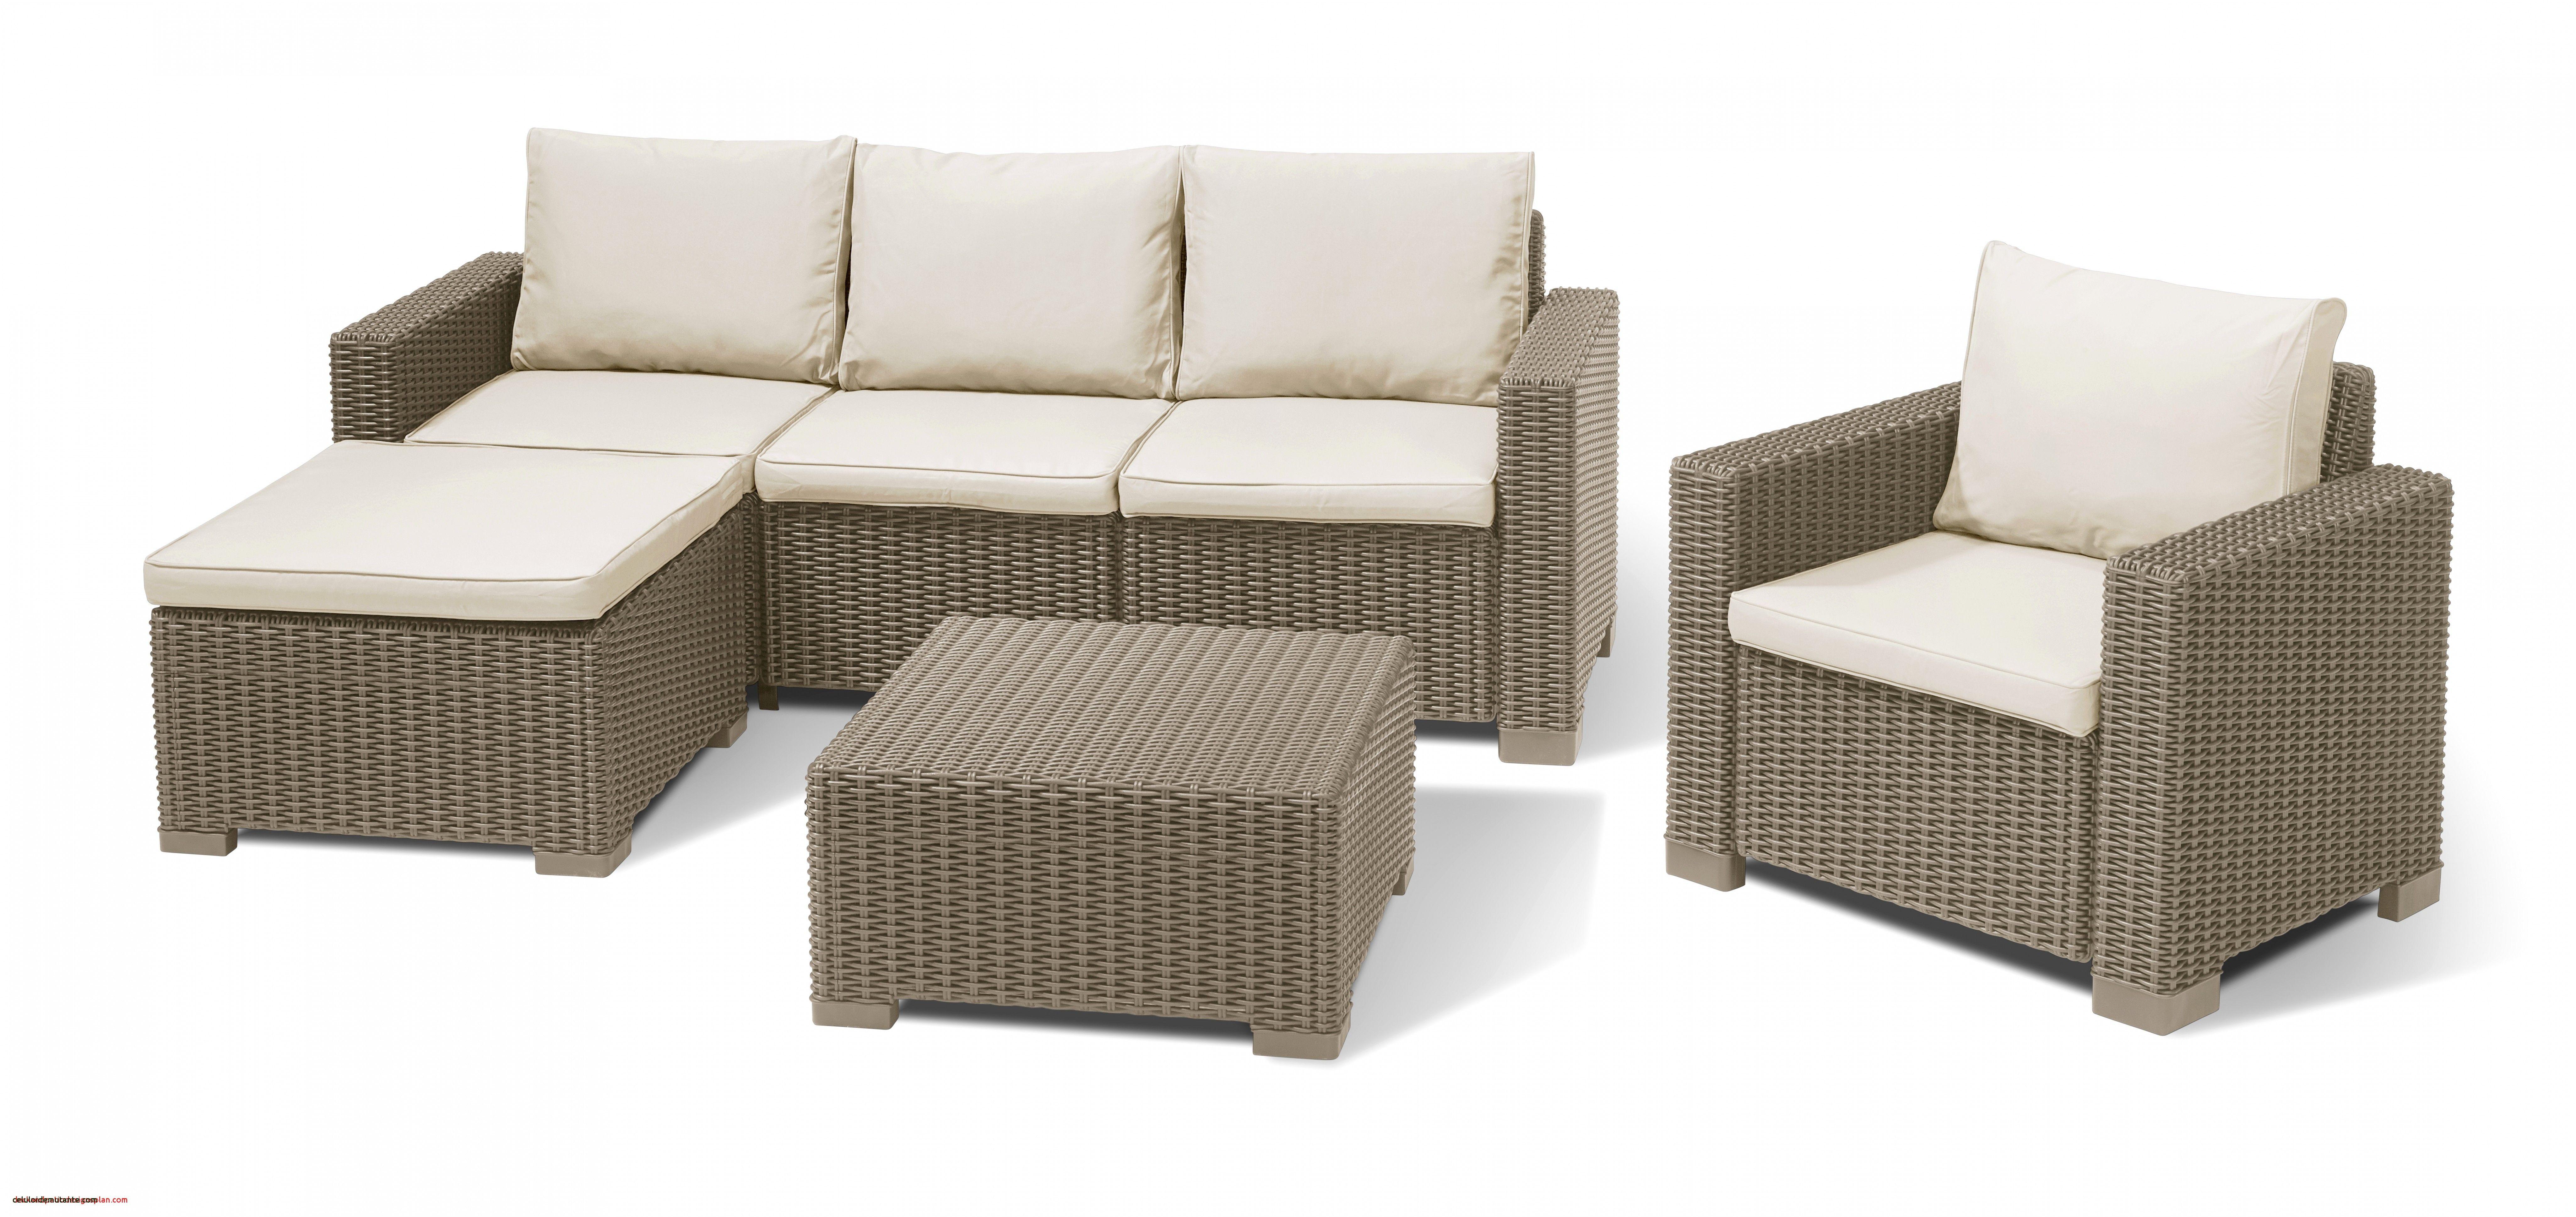 30 Inspirierende Wochenende Nur Sofas Sofa Sofa Loungemobel Garten Terrassen Stuhle Und Couch Mobel